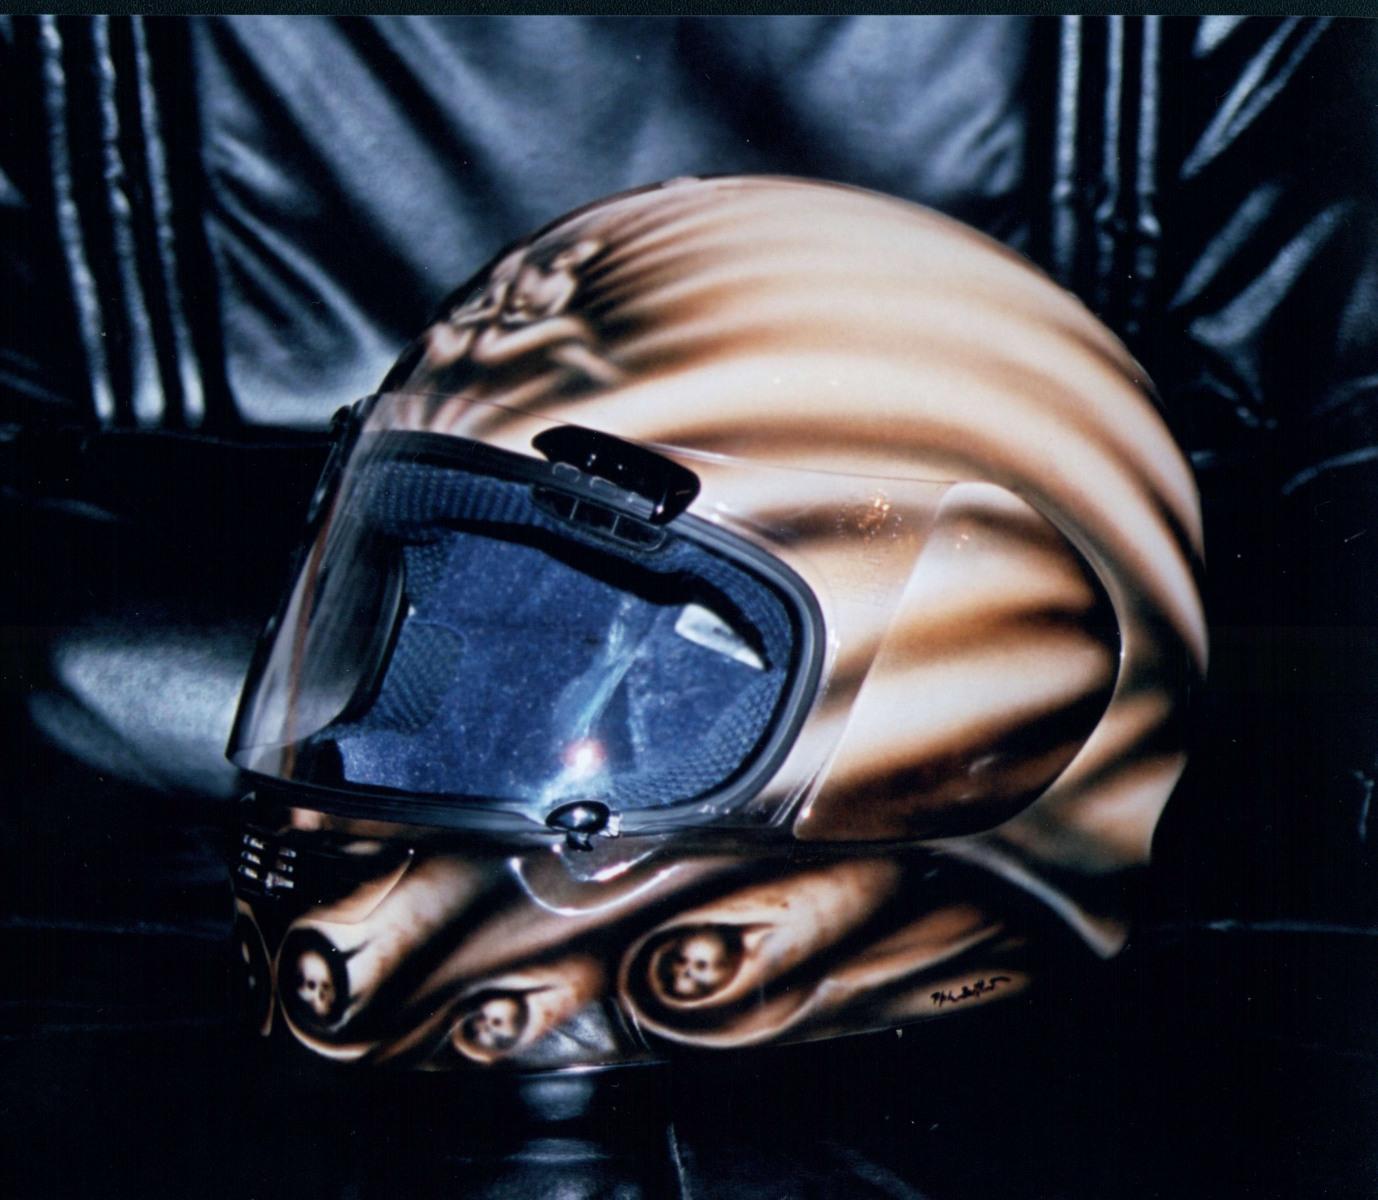 helmet-side